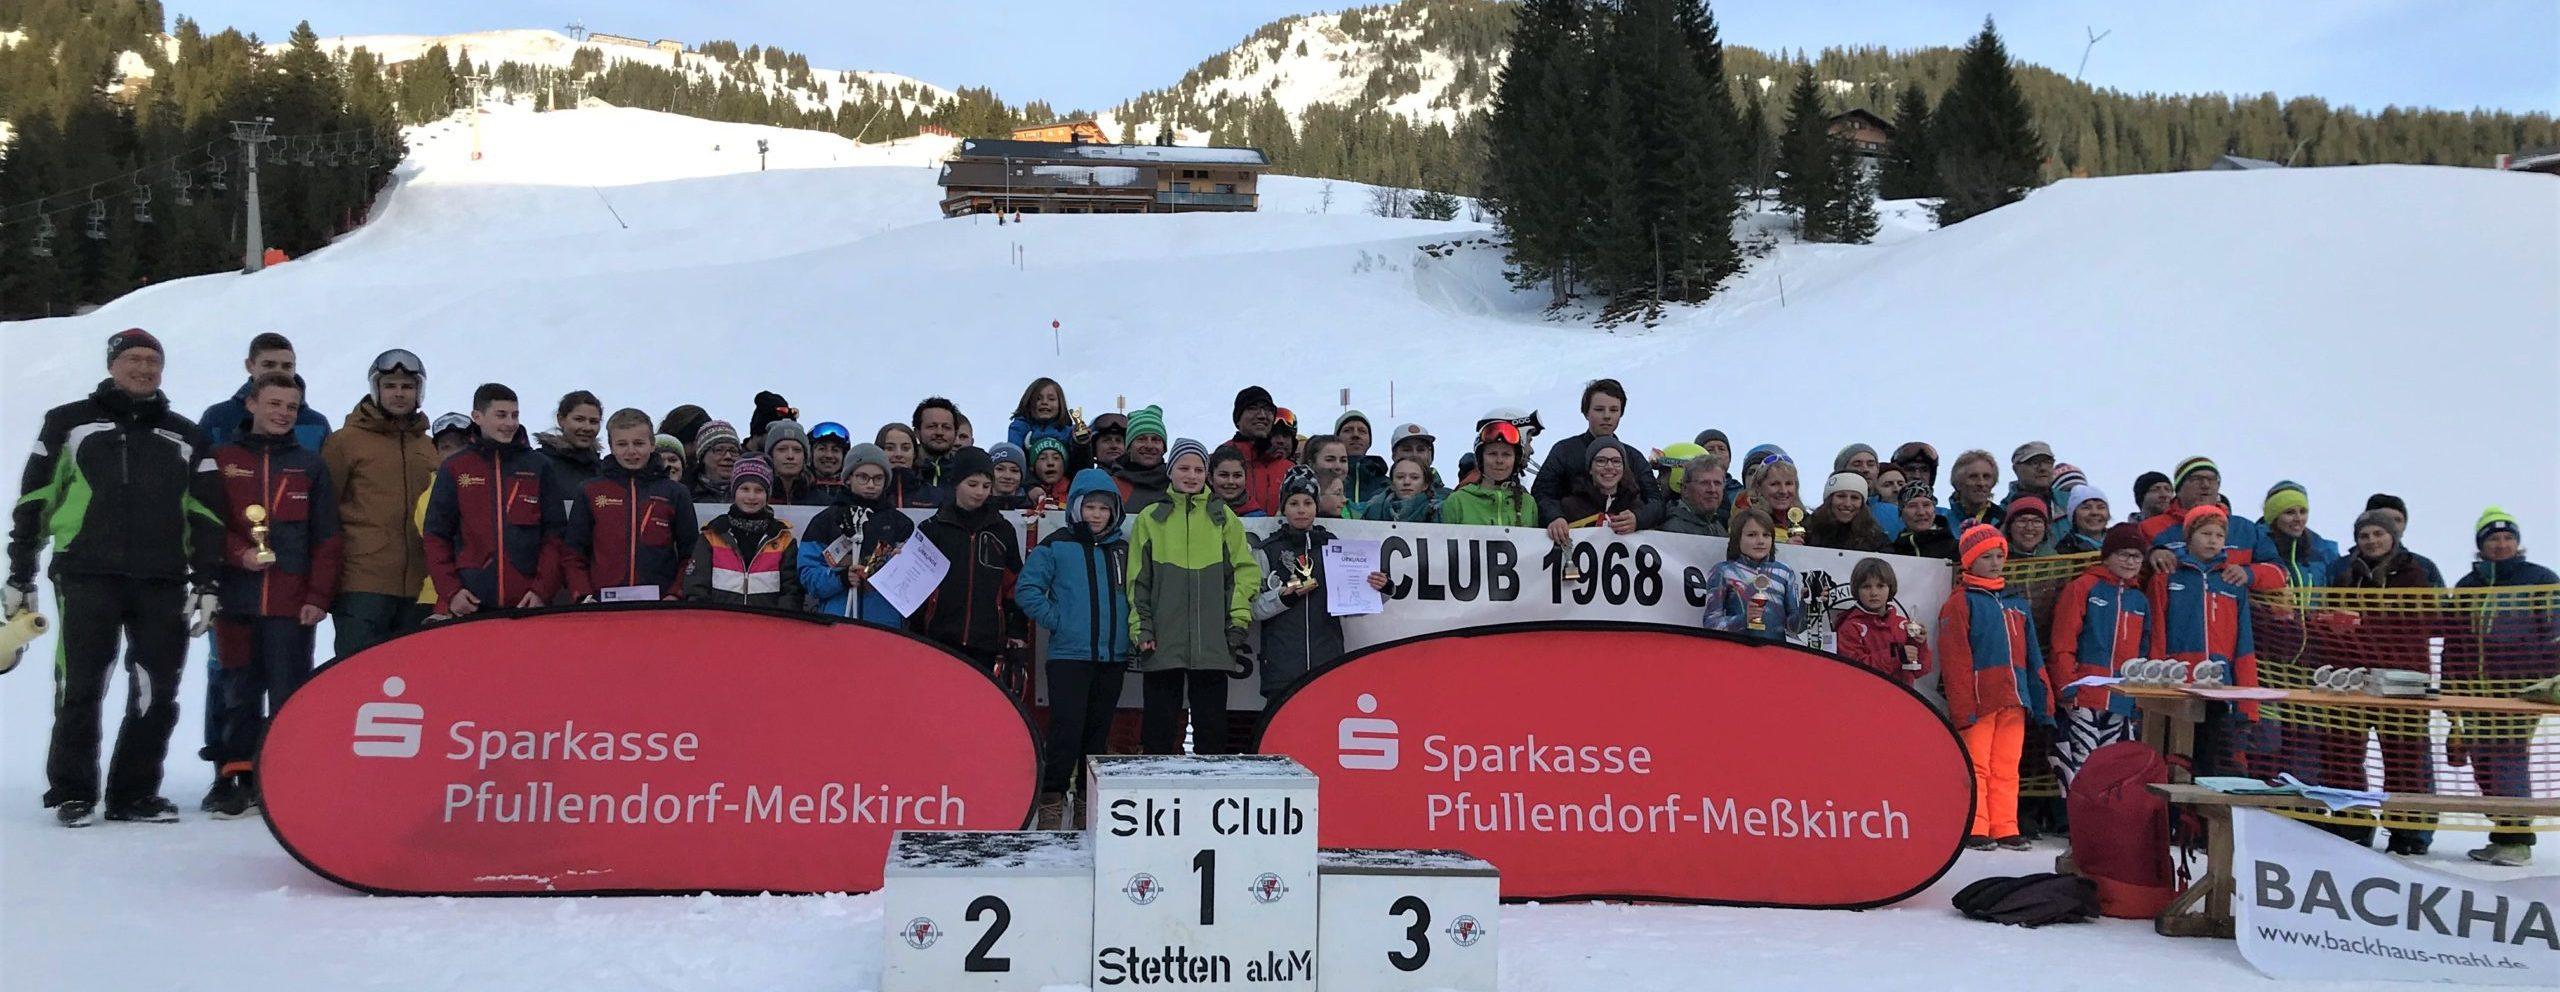 Kreis und Club (91)